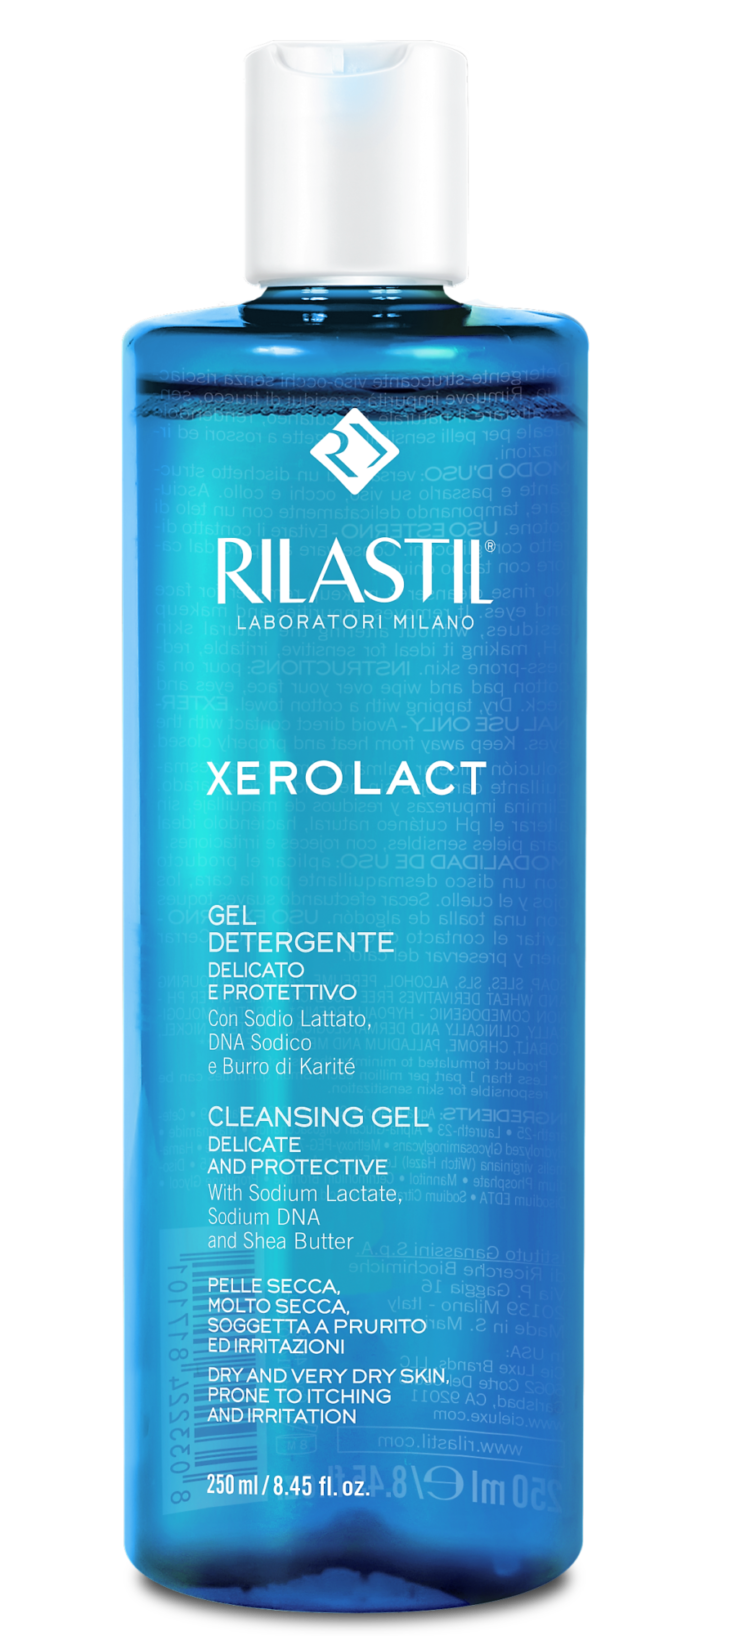 Novità: Rilastil Xerolact Gel Detergente Delicato e Protettivo